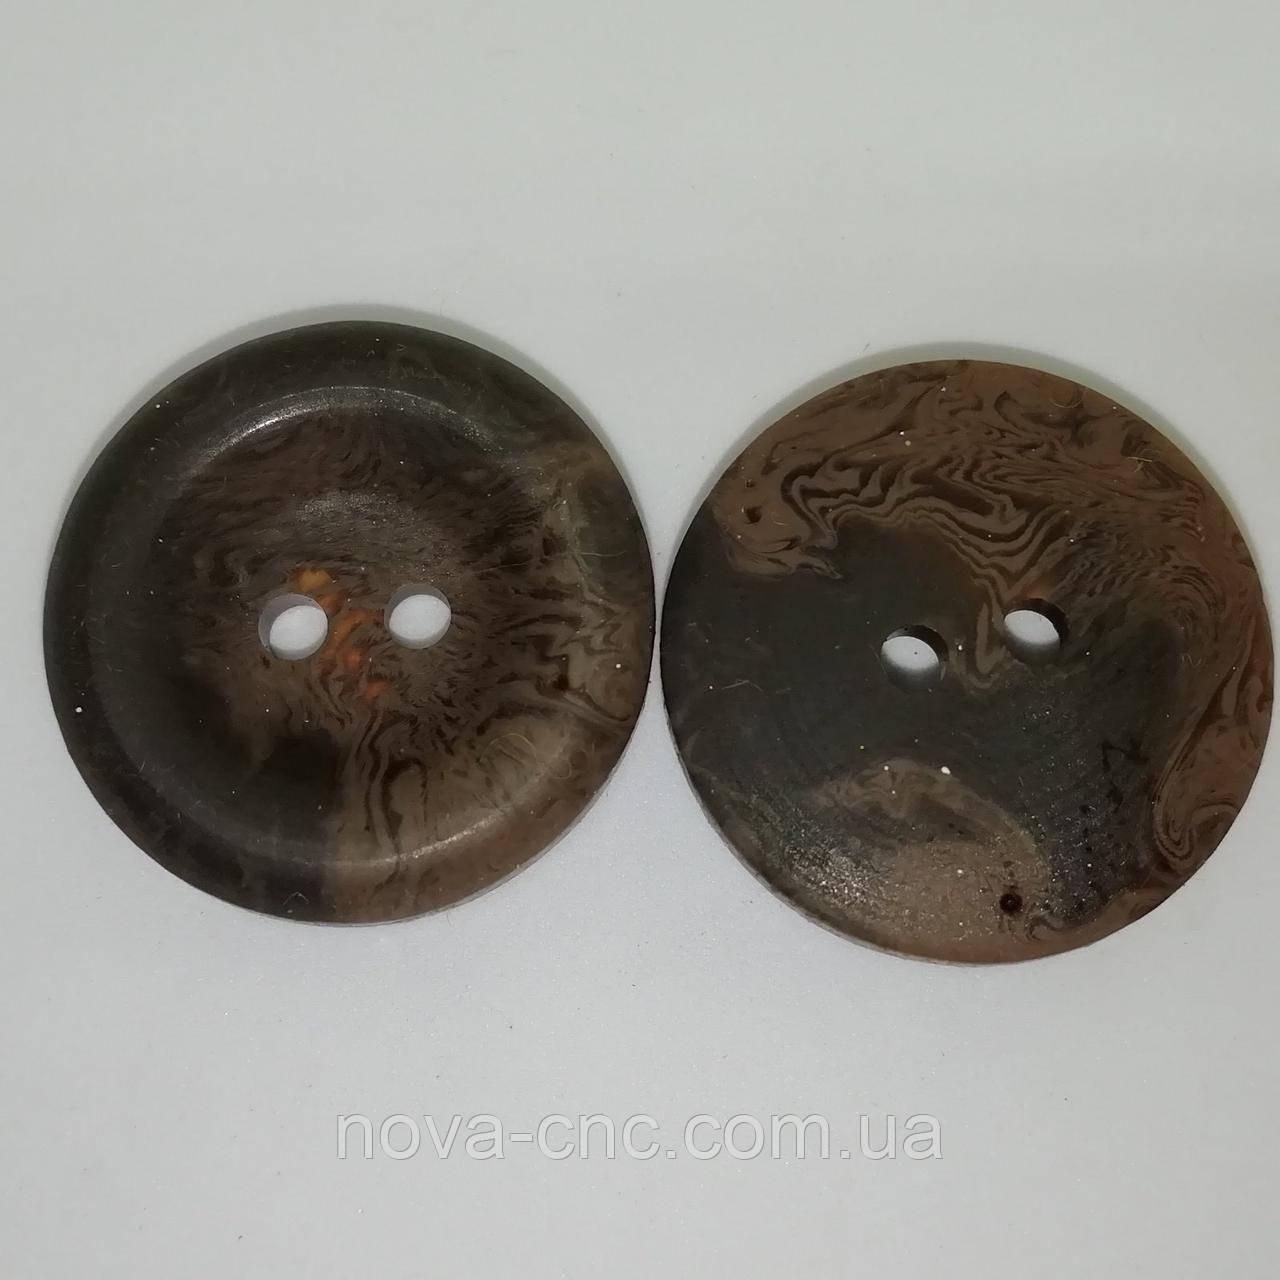 Ґудзики пластмасові 22 мм Колір коричневий мармуровий Упаковка 350 штук